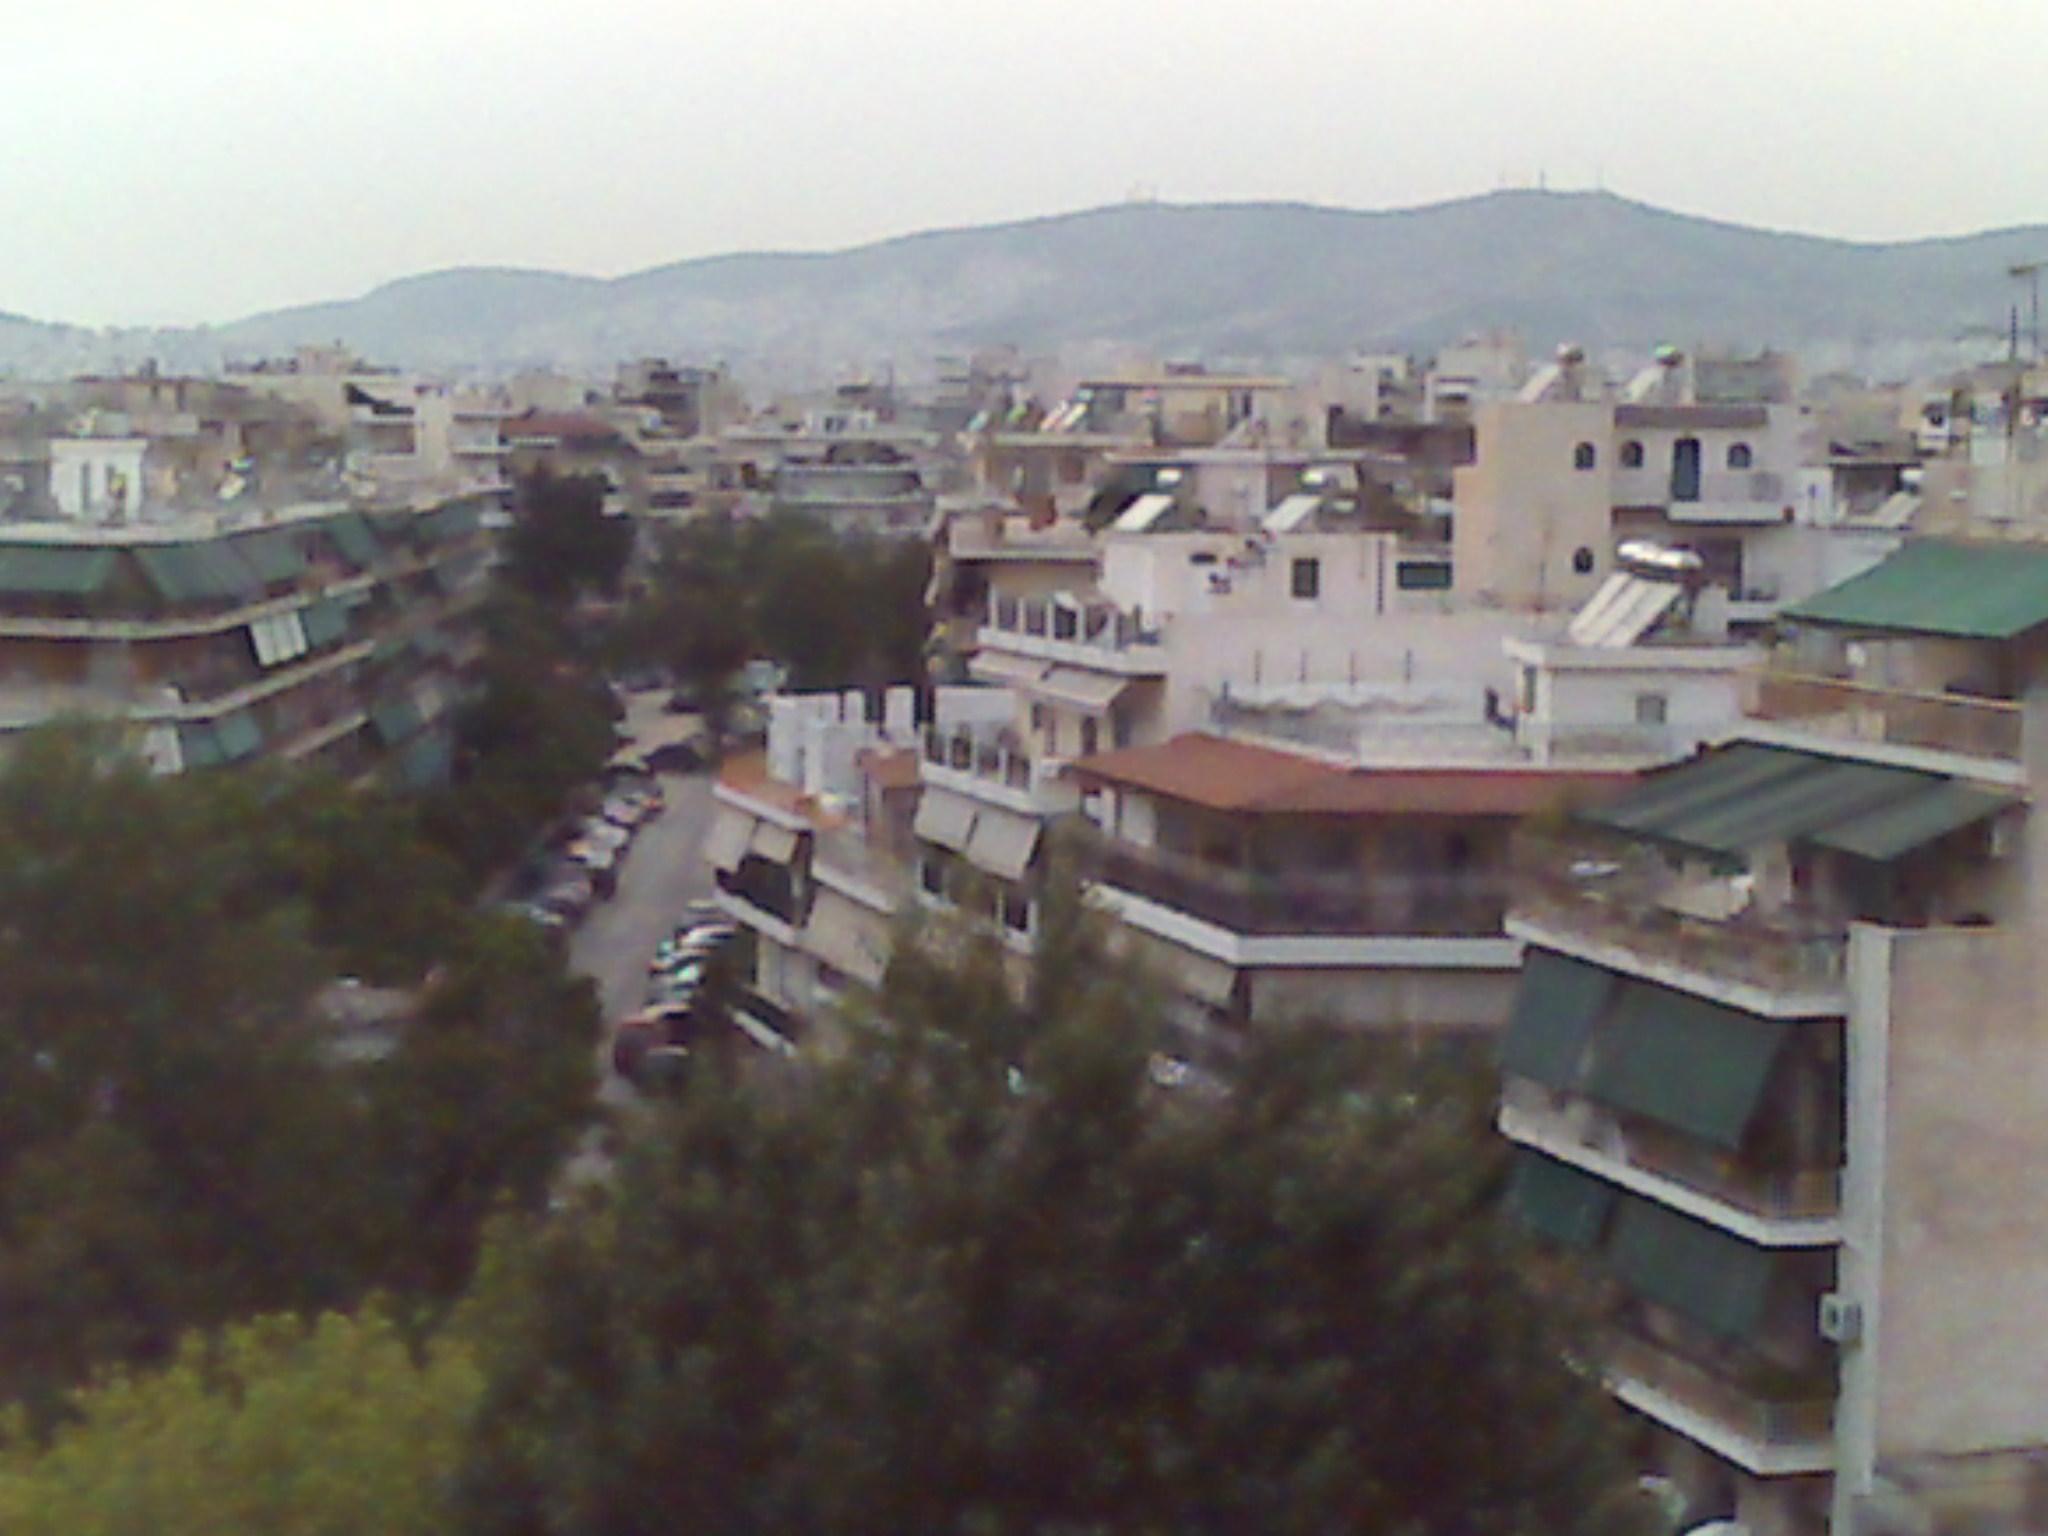 Athens Wireless Metropolitan Network - Wikipedia